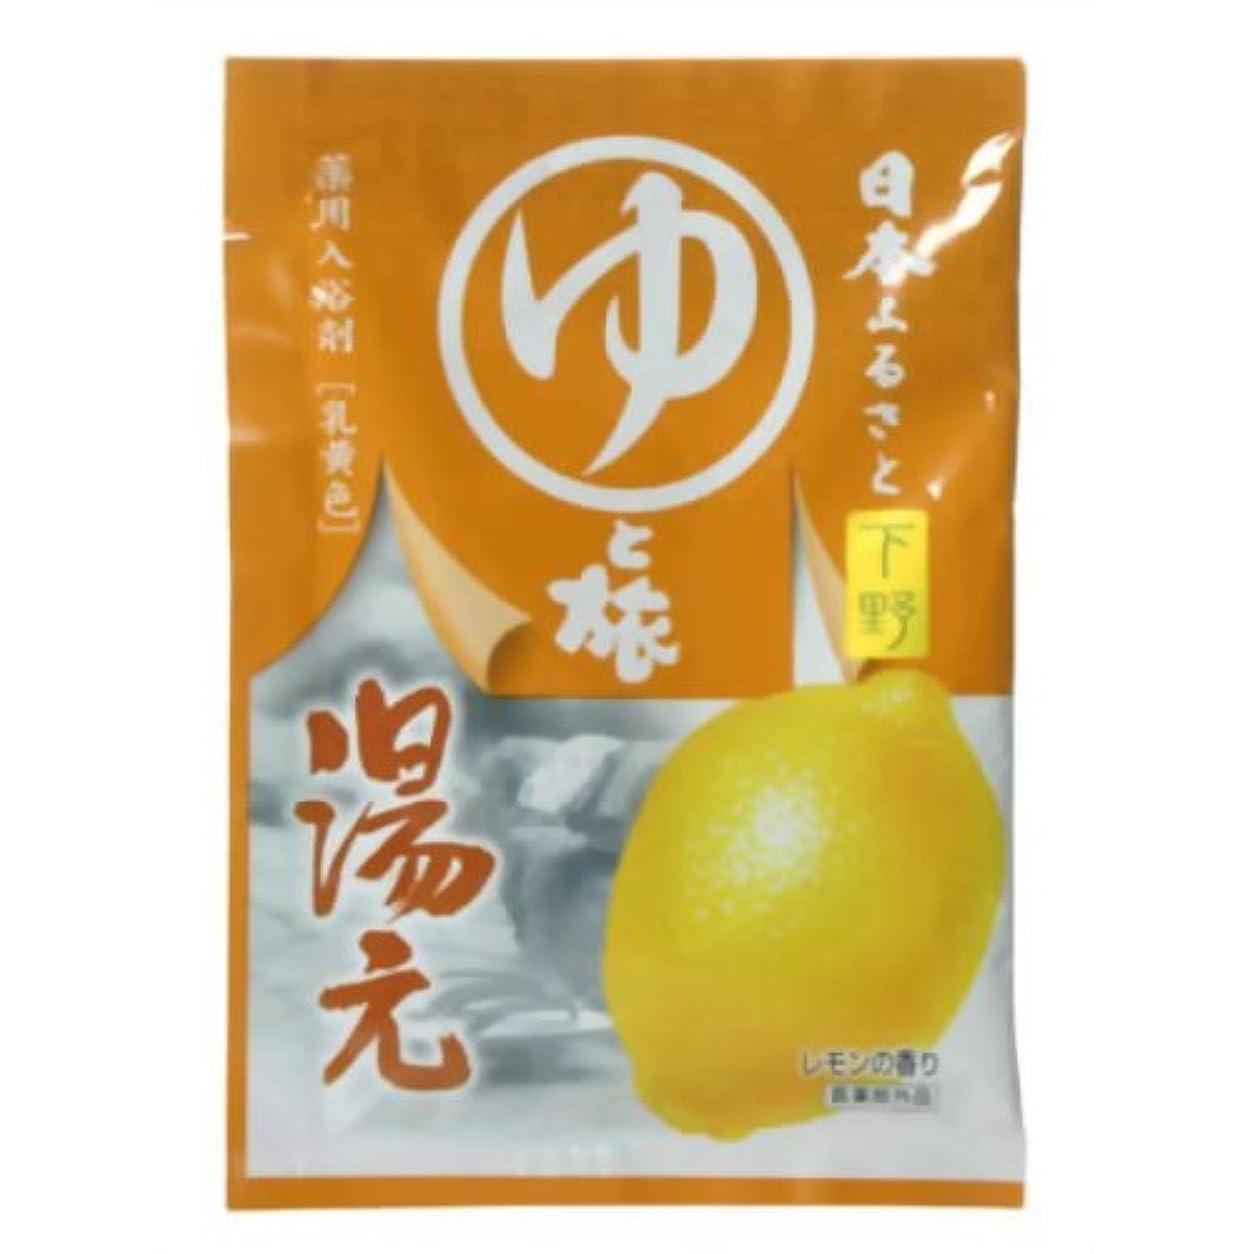 軽減する横に稼ぐヤマサキの入浴剤シリーズ 湯元(入浴剤)